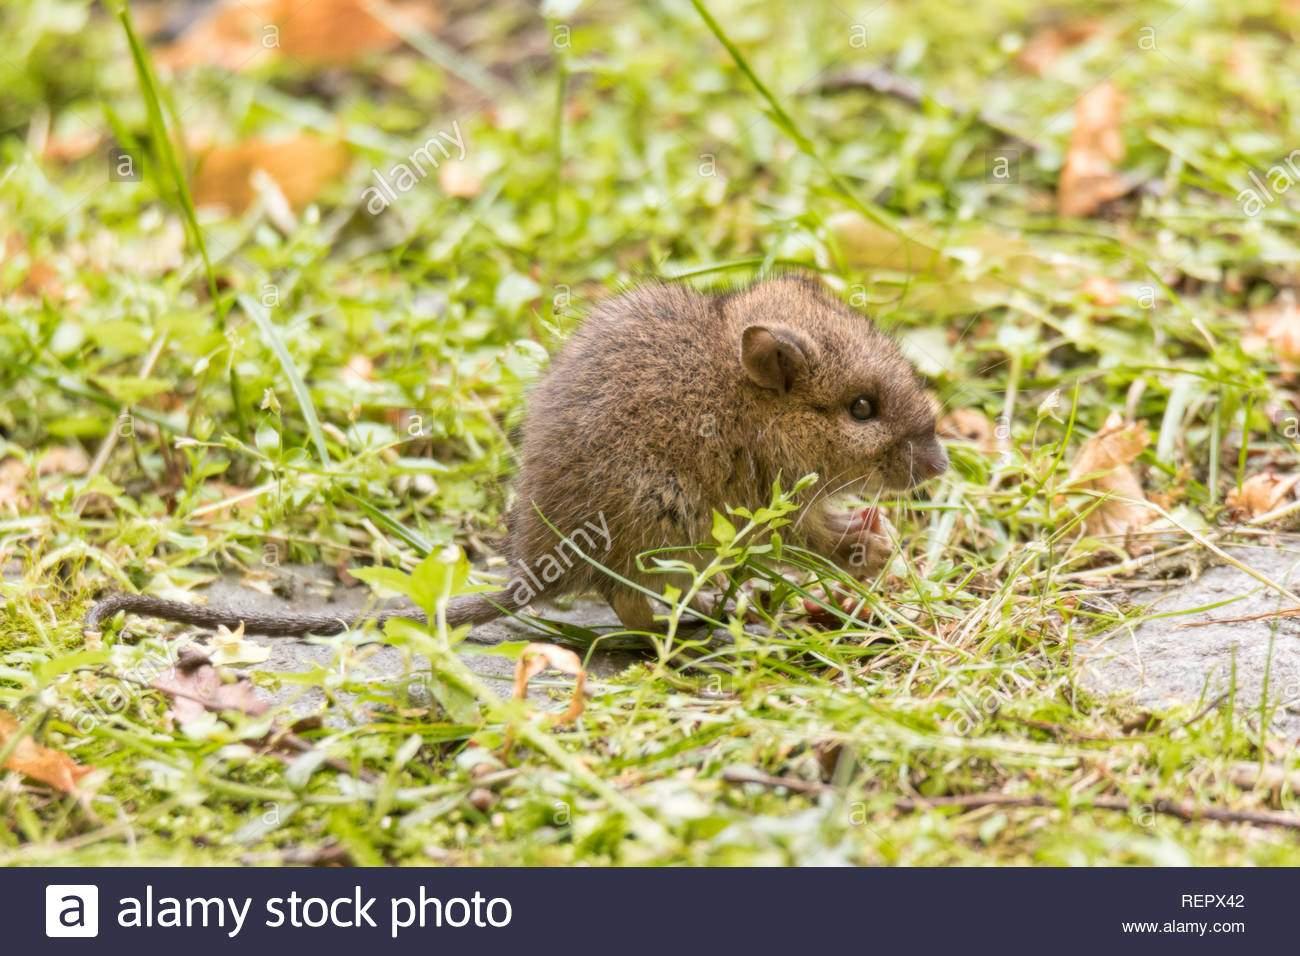 wild baby ratte oder maus auf rasen im garten repx42